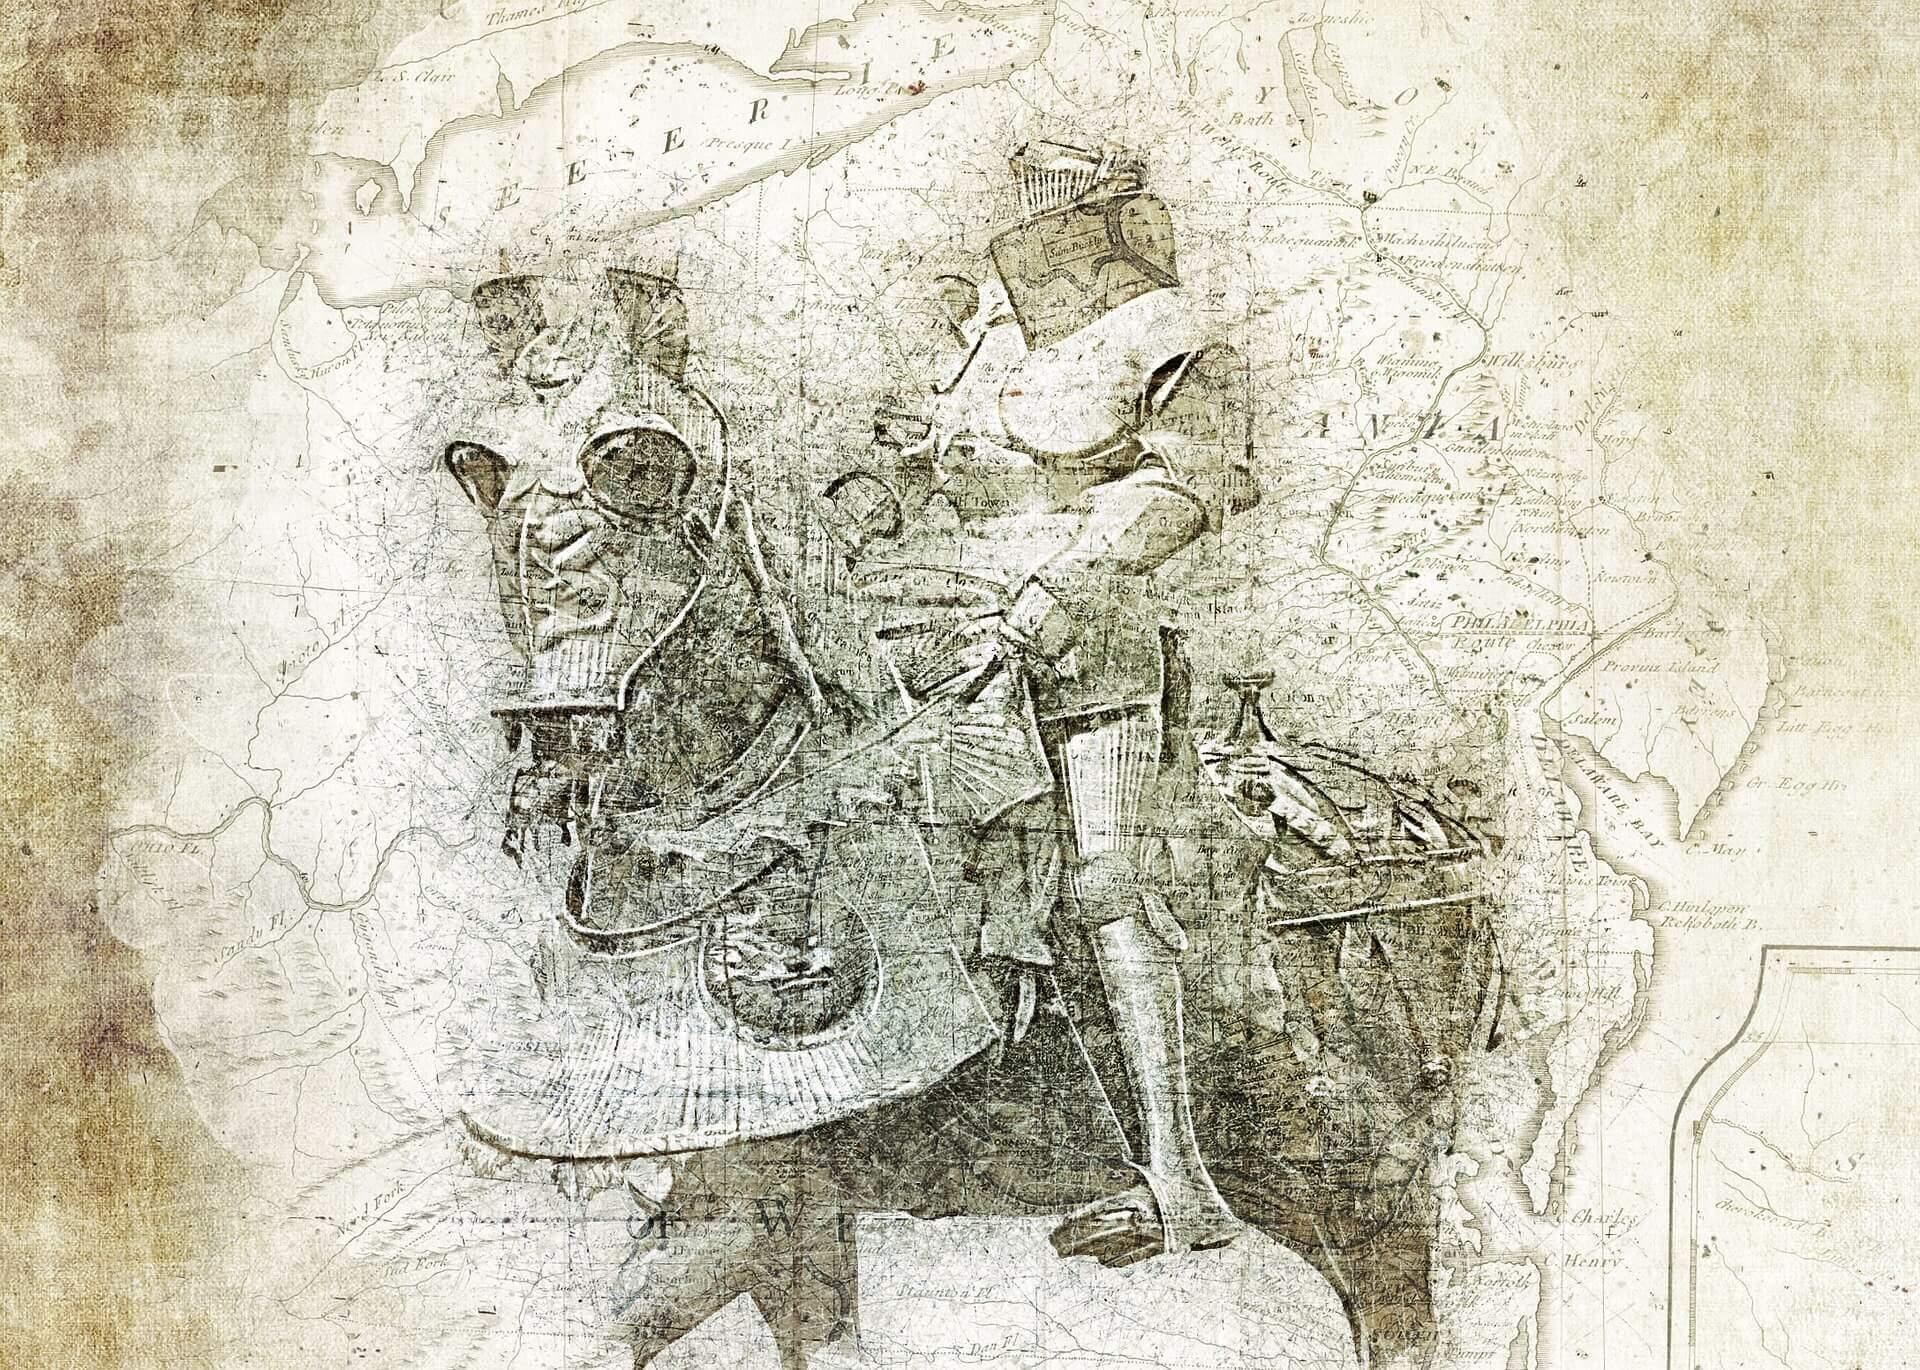 Representação de um cavaleiro das Cruzadas. (Imagem de Brigitte Werner/ Pixabay)